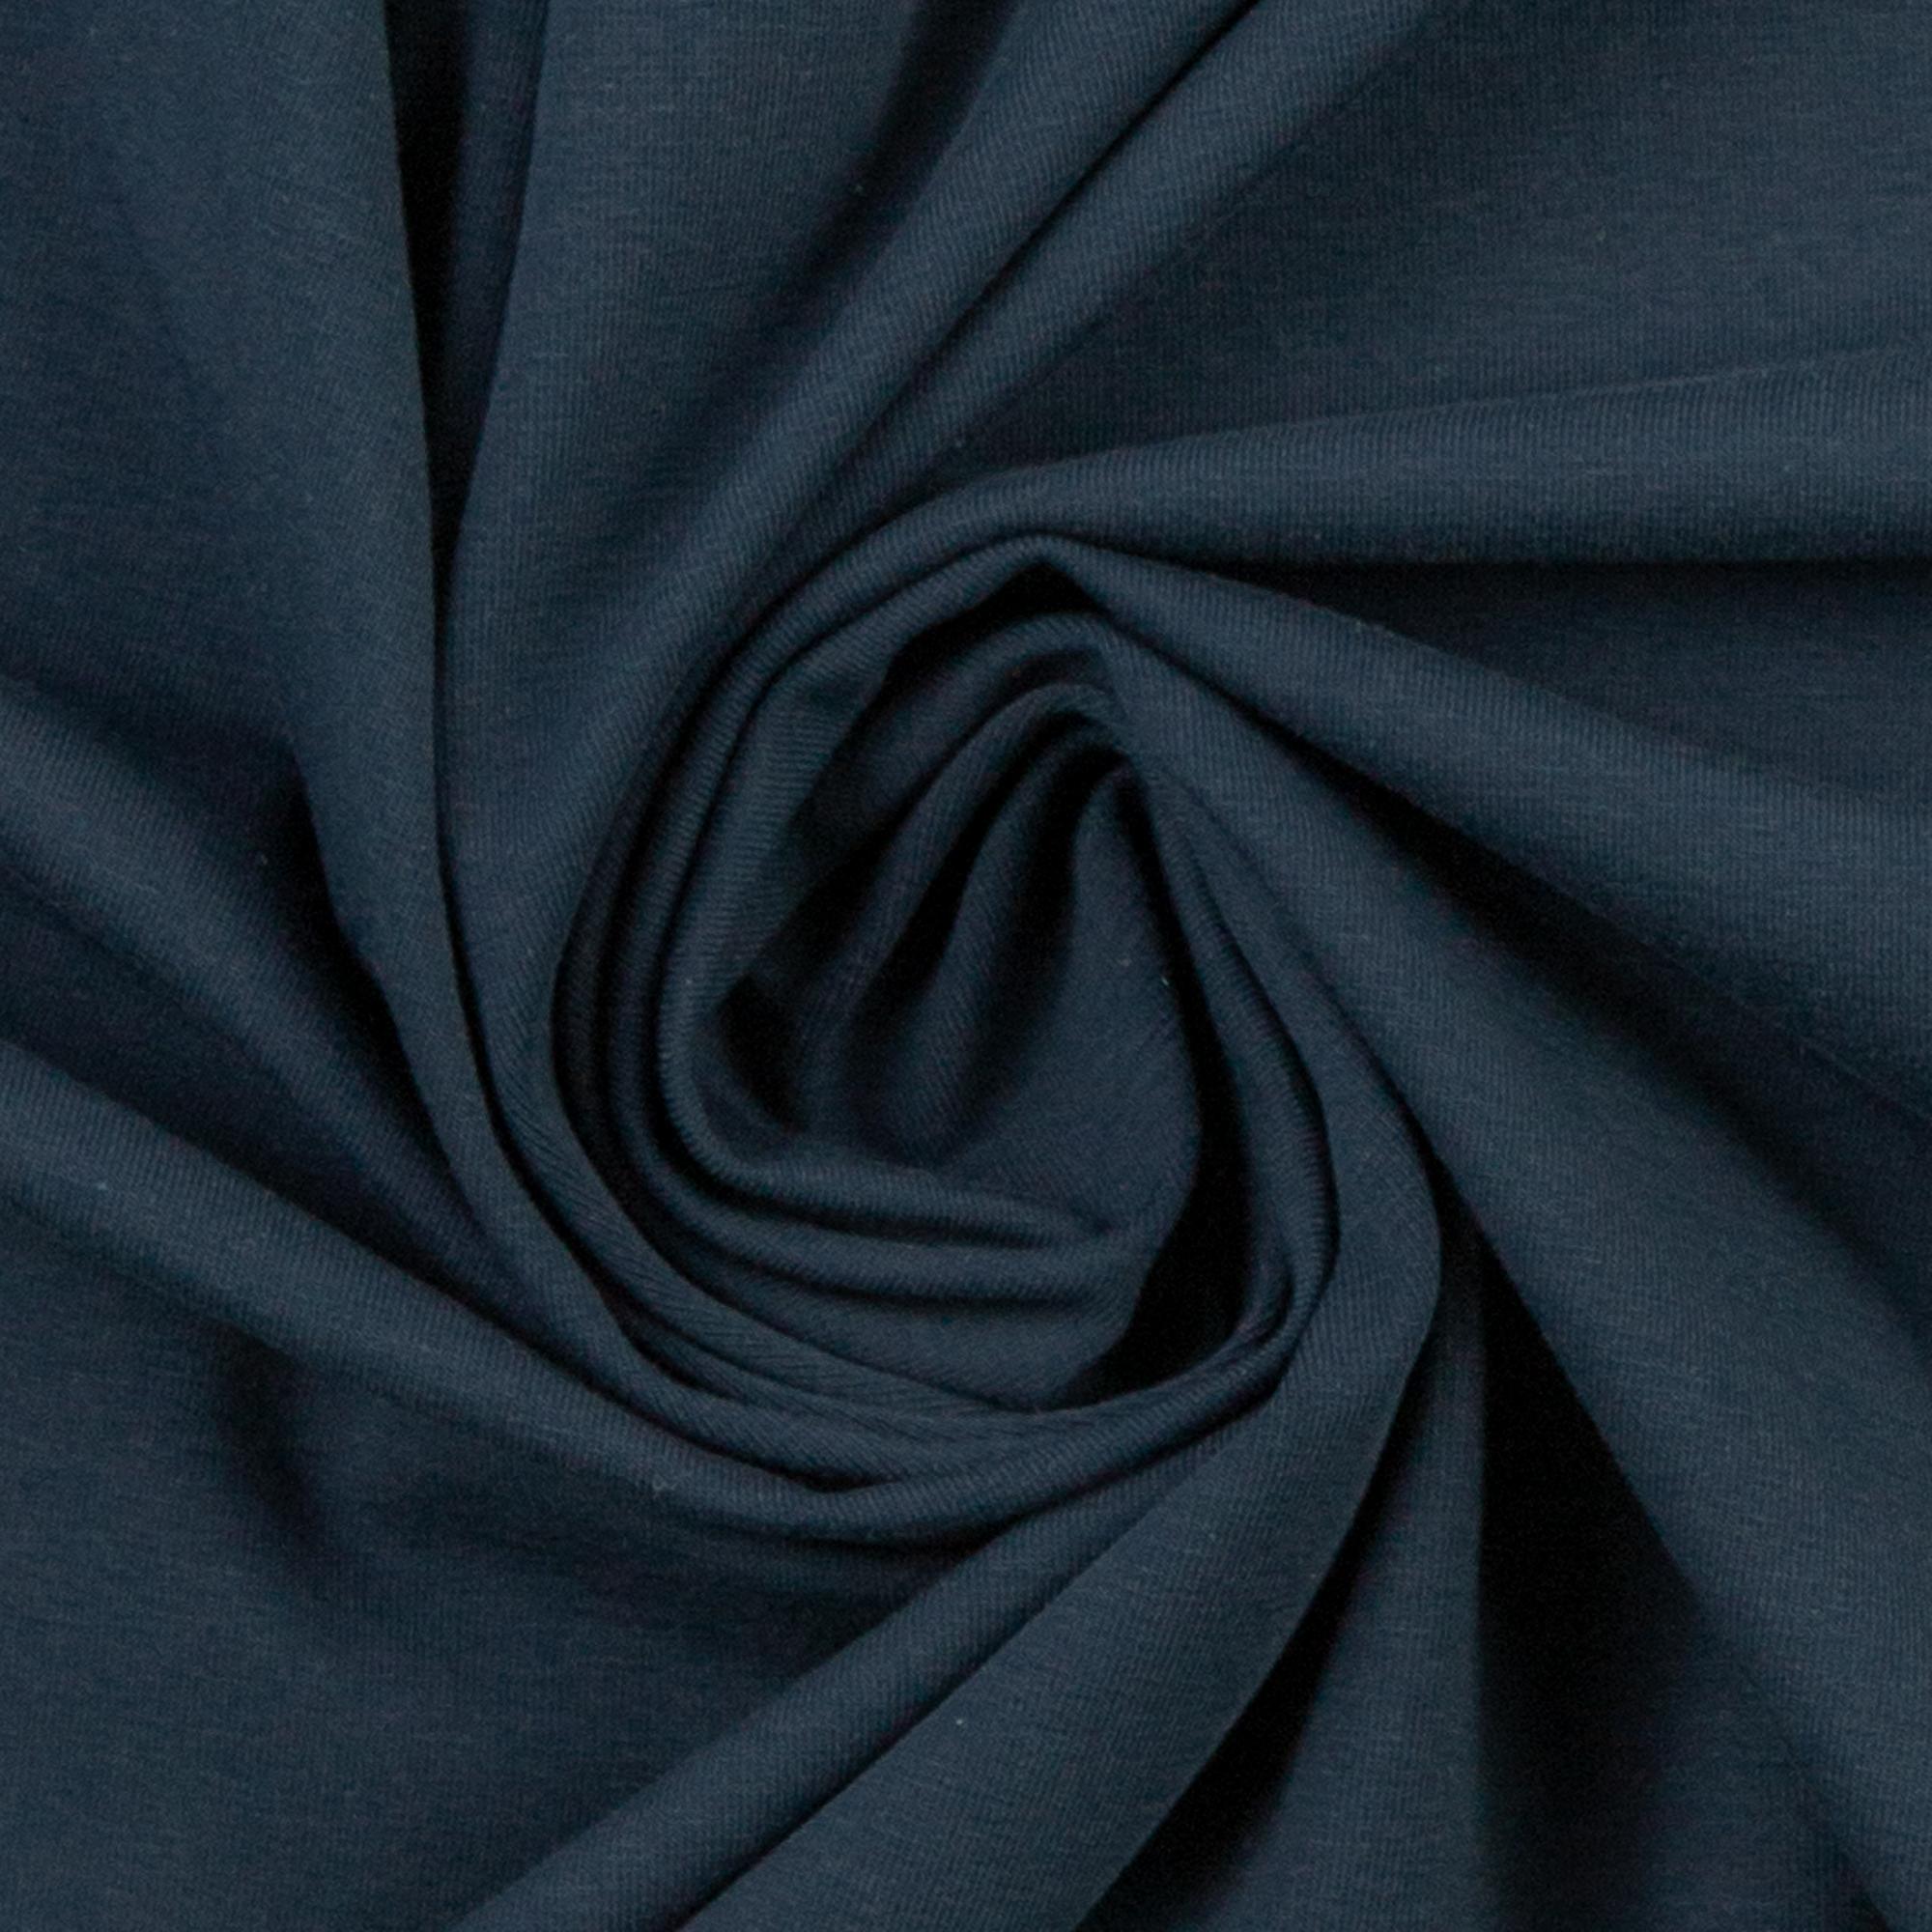 Weicher Jersey in dunkelblau von Swafing!